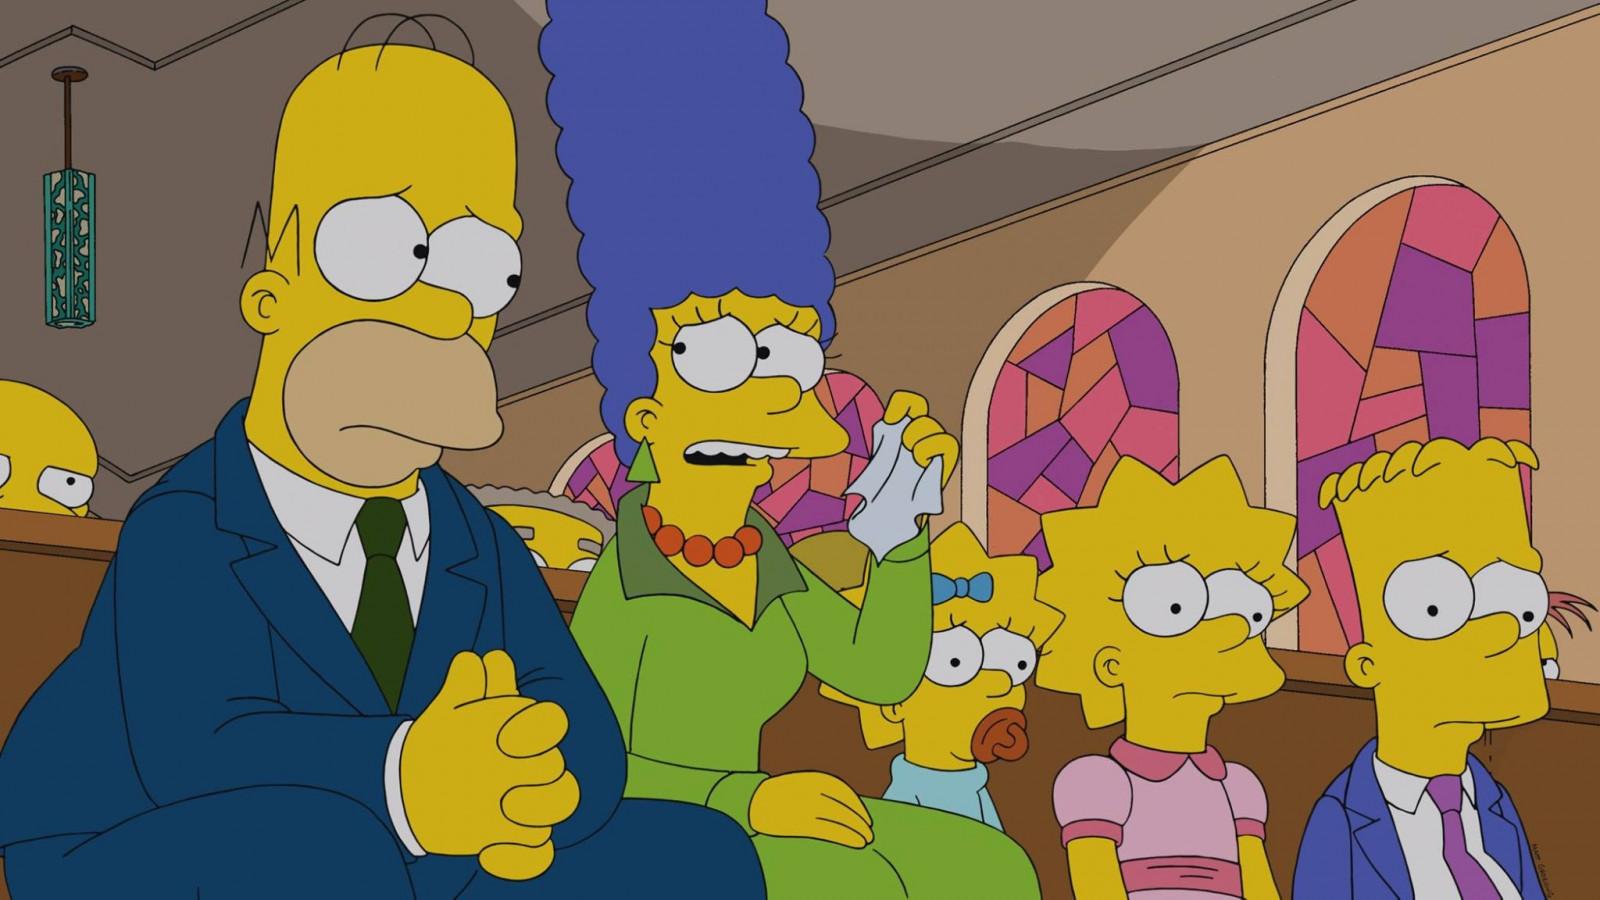 Fond D Ecran Illustration Dessin Anime Les Simpsons Des